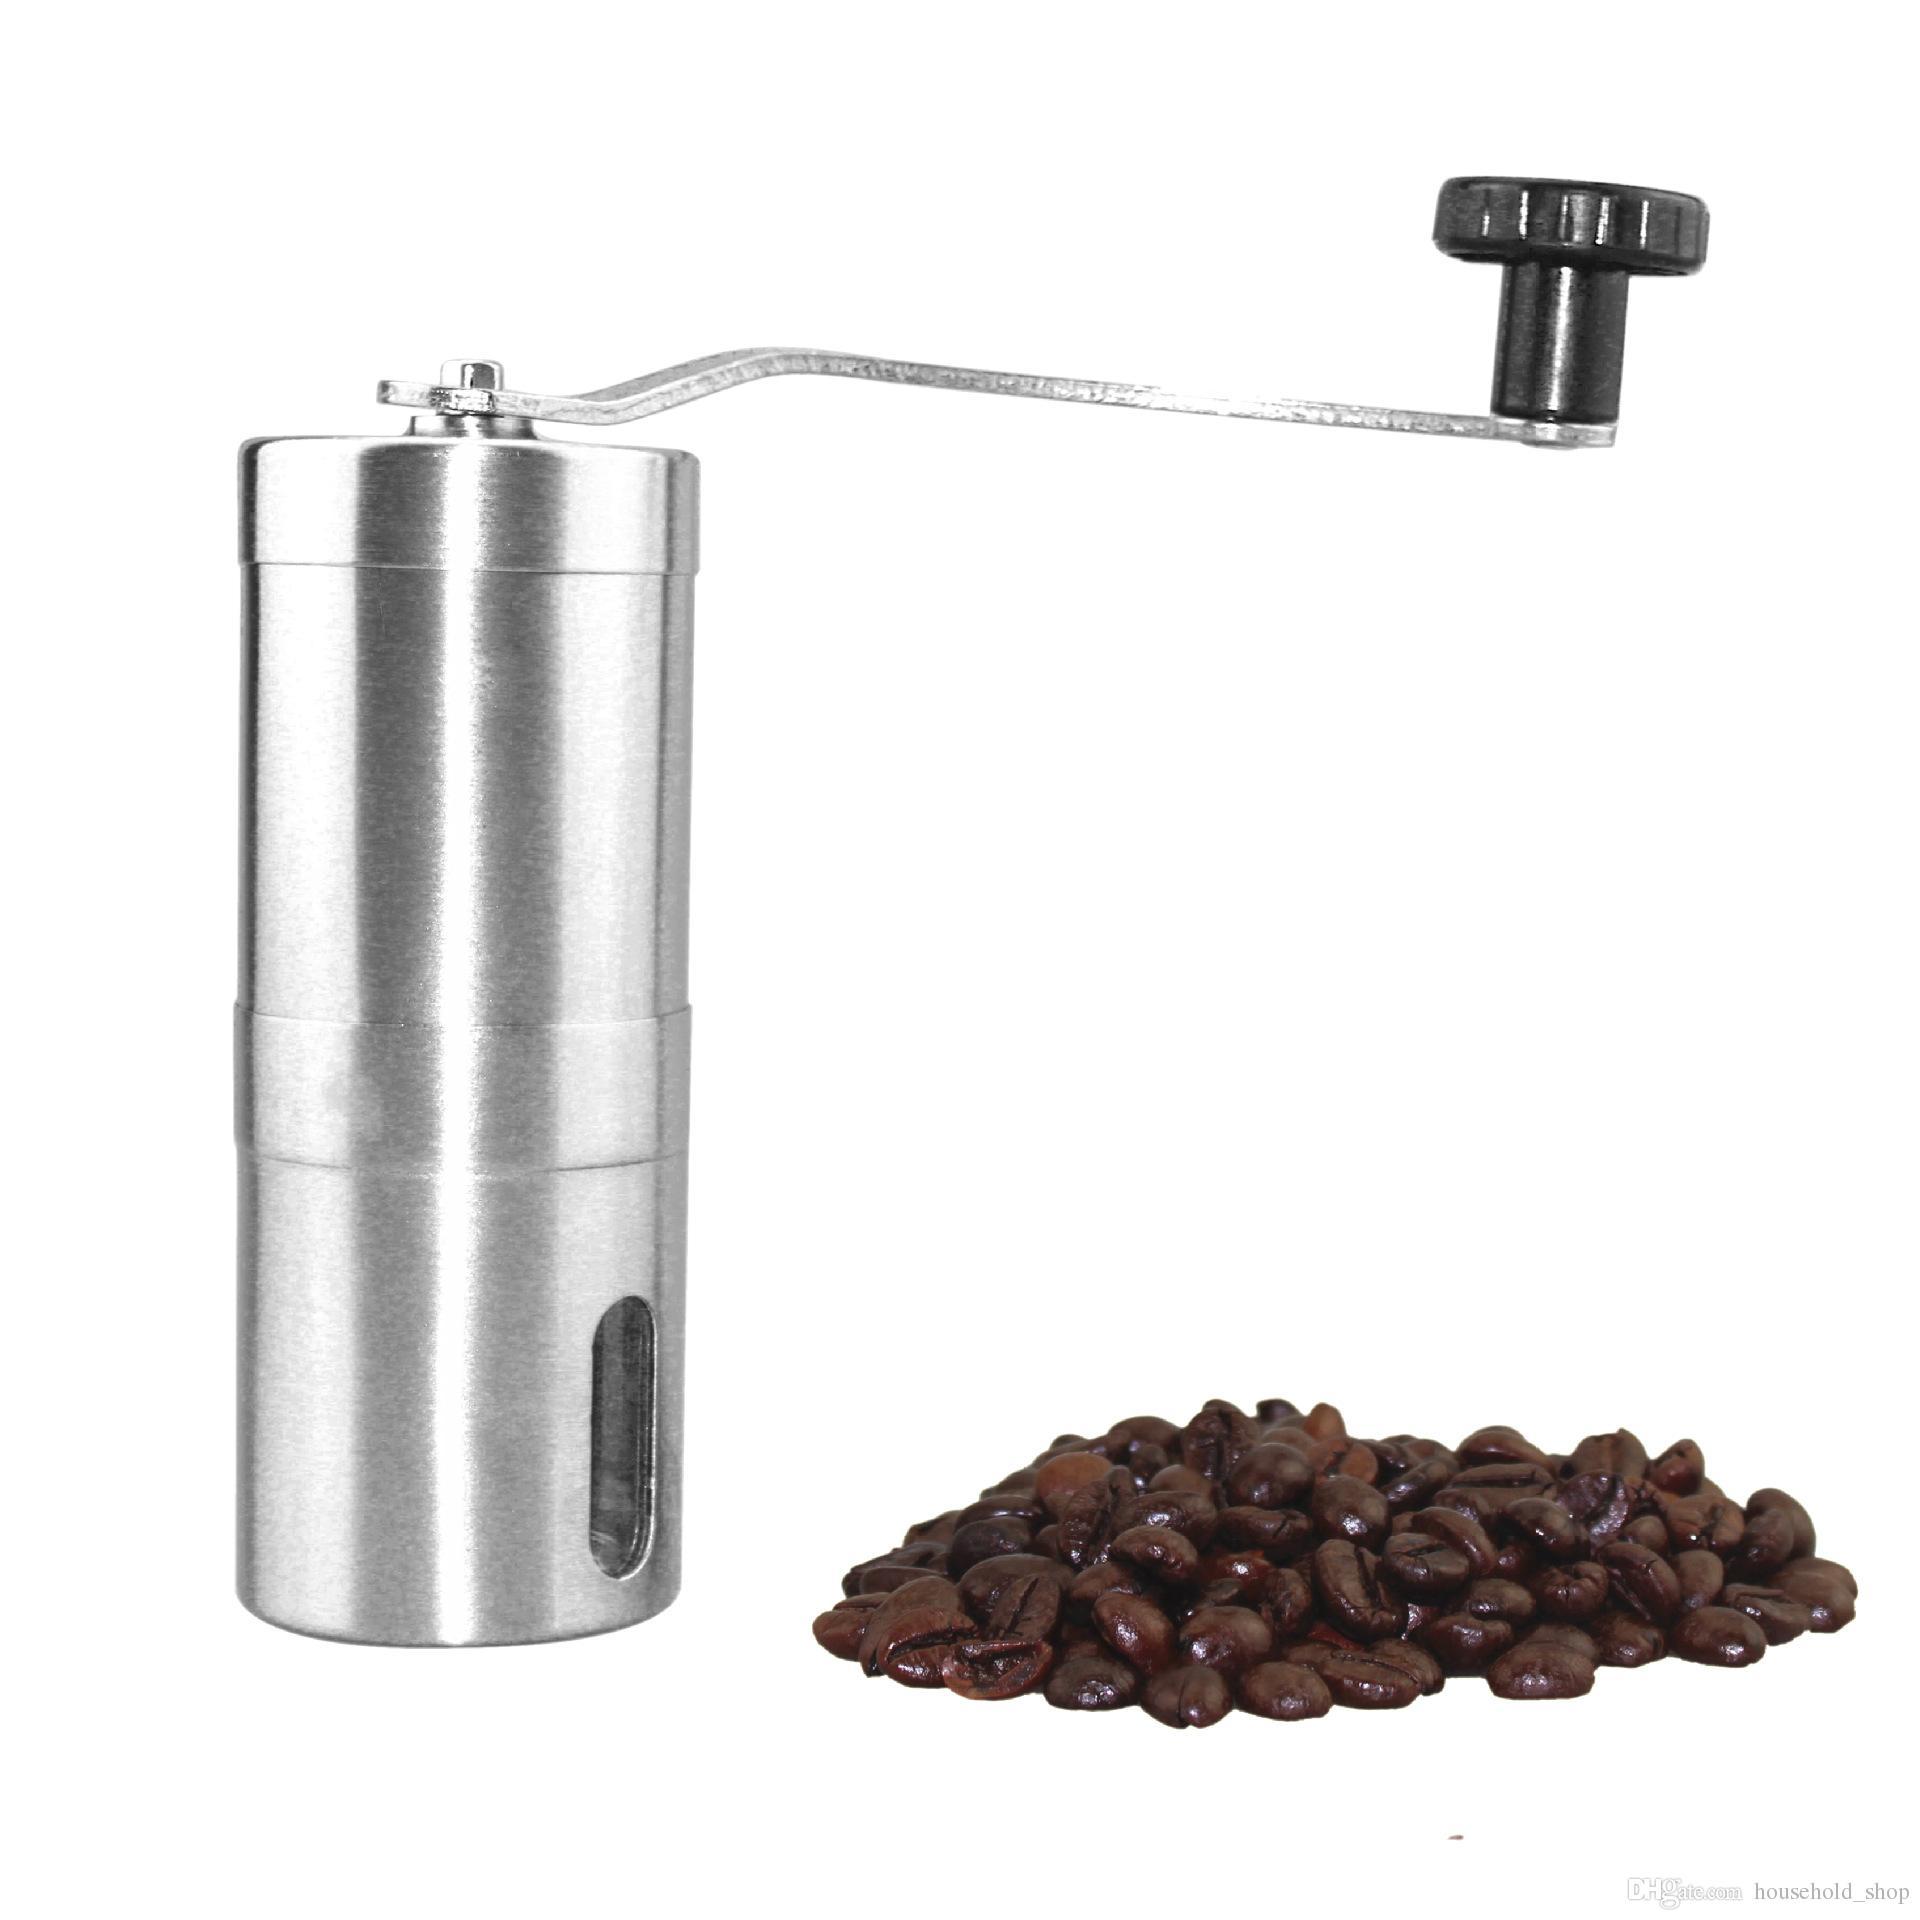 Moedor De Café Moedor Manual Grinder Ferramentas De Moagem De Cozinha Portátil de Aço Inoxidável Perfumaria Café Bar Handmade Apoio OEM Frete Grátis